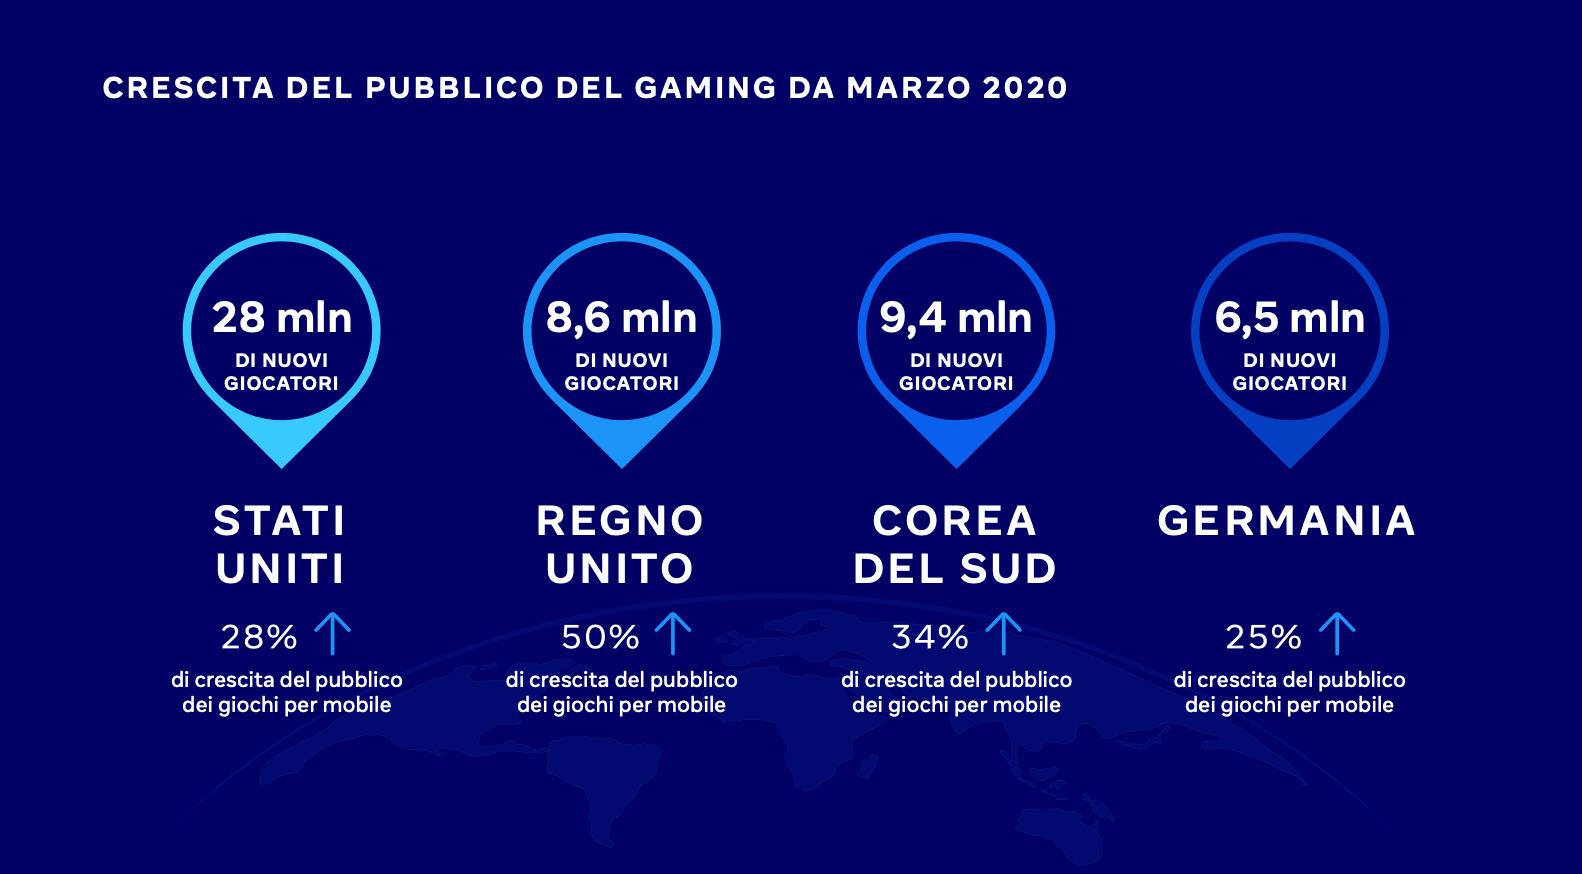 statistiche gaming 2021 - crescita pubblico